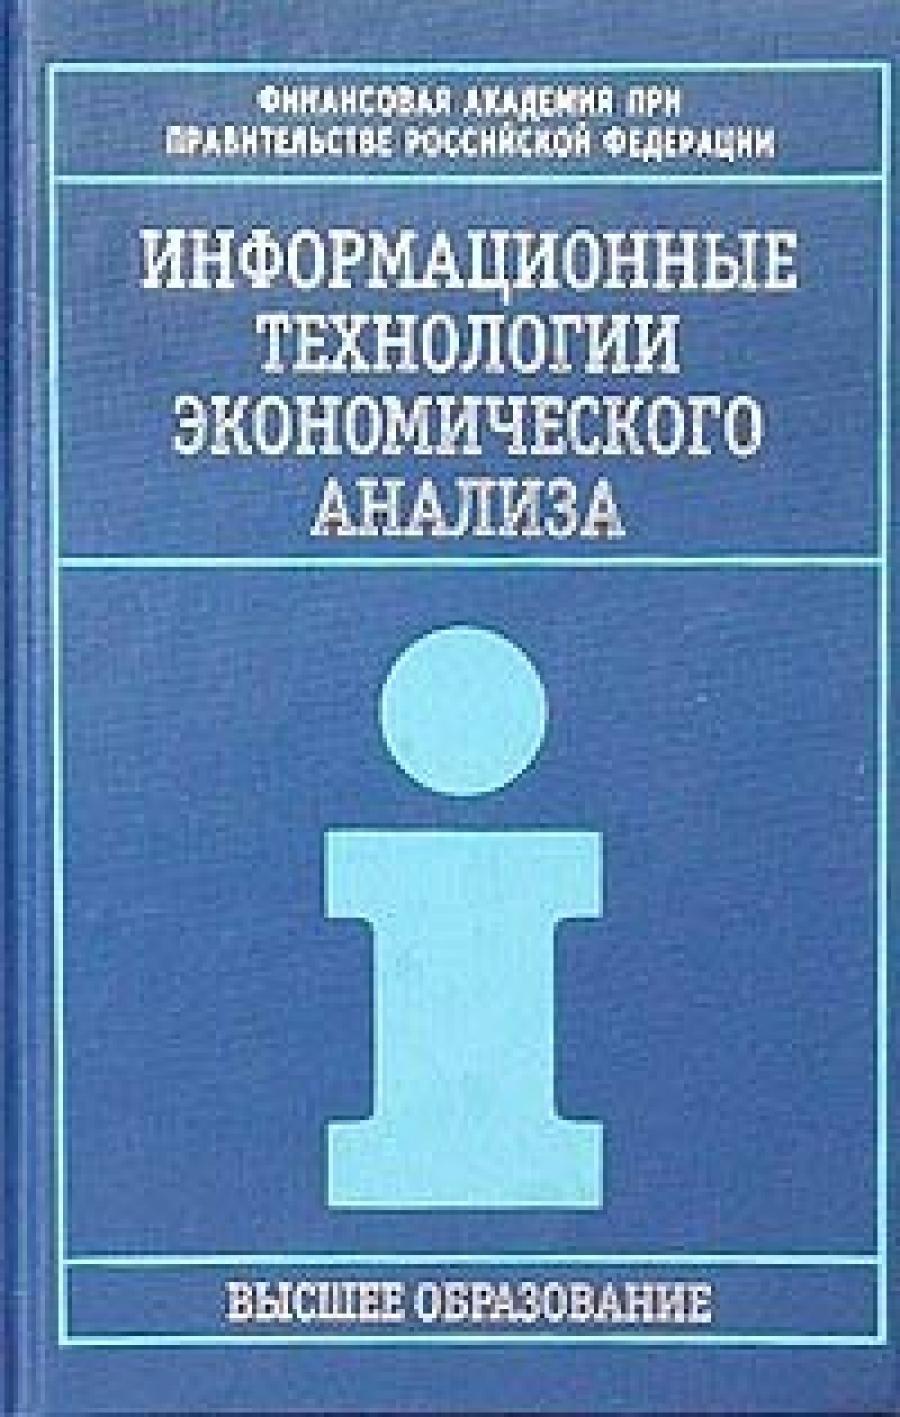 Обложка книги:  соколова г.н. - информационные технологии экономического анализа